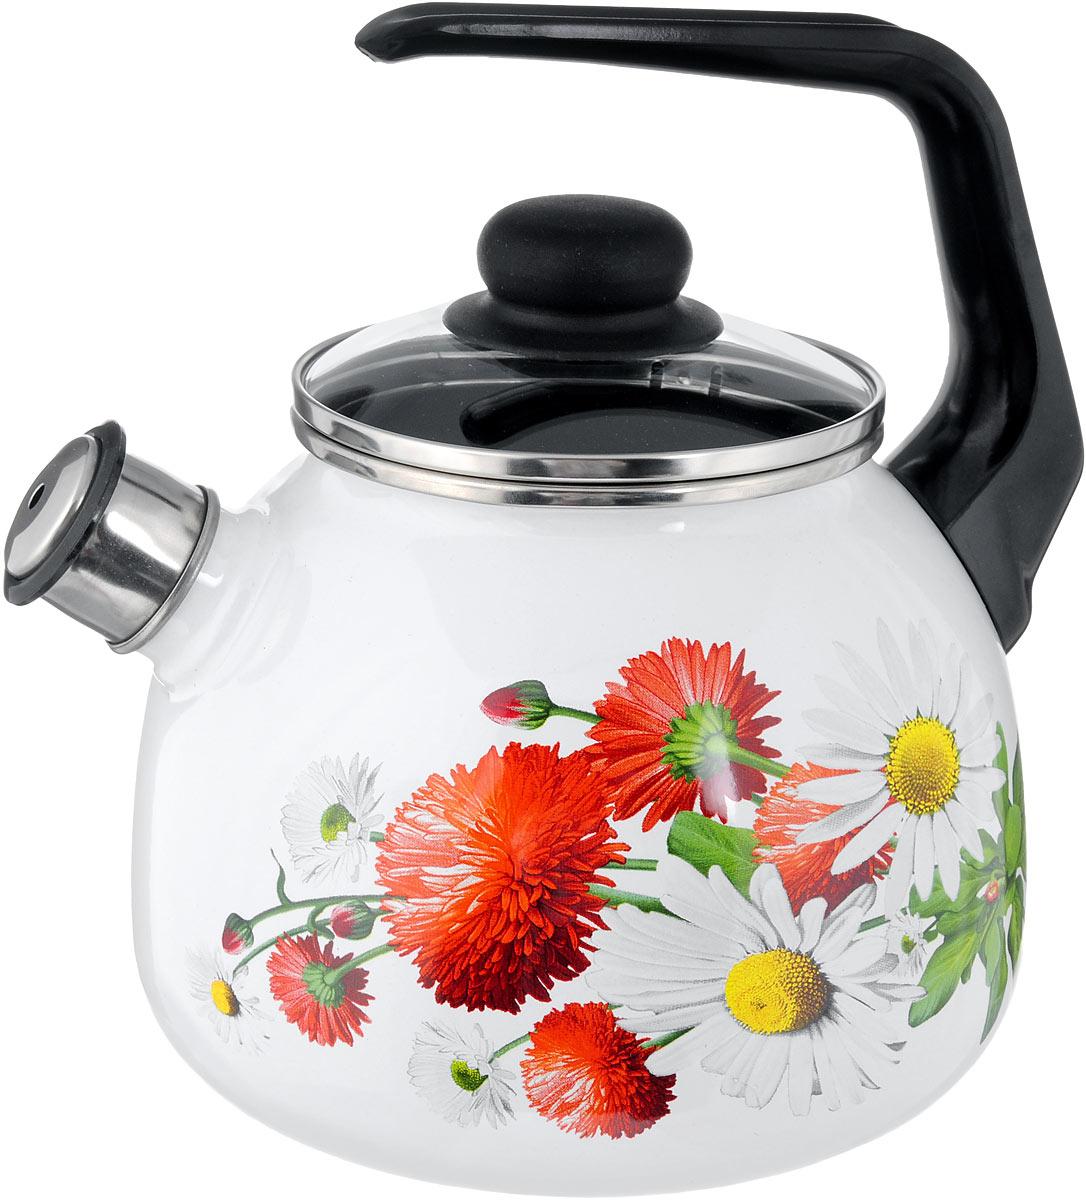 Чайник эмалированный СтальЭмаль Маргаритки, со свистком, 3 лVT-1520(SR)Чайник СтальЭмаль Маргаритки выполнен из высококачественного стального проката, покрытого двумя слоями жаропрочной эмали. Такое покрытие защищает сталь от коррозии, придает посуде гладкую стекловидную поверхность и надежно защищает от кислот и щелочей. Носик чайника оснащен свистком, звуковой сигнал которого подскажет, когда закипит вода. Чайник оснащен фиксированной ручкой из пластика и стеклянной крышкой, которая плотно прилегает к краю благодаря особой конструкции.Эстетичный и функциональный чайник будет оригинально смотреться в любом интерьере. Подходит для всех типов плит, включая индукционные. Можно мыть в посудомоечной машине. Диаметр (по верхнему краю): 12,5 см.Высота чайника (с учетом ручки): 24 см.Высота чайника (без учета ручки и крышки): 15 см.